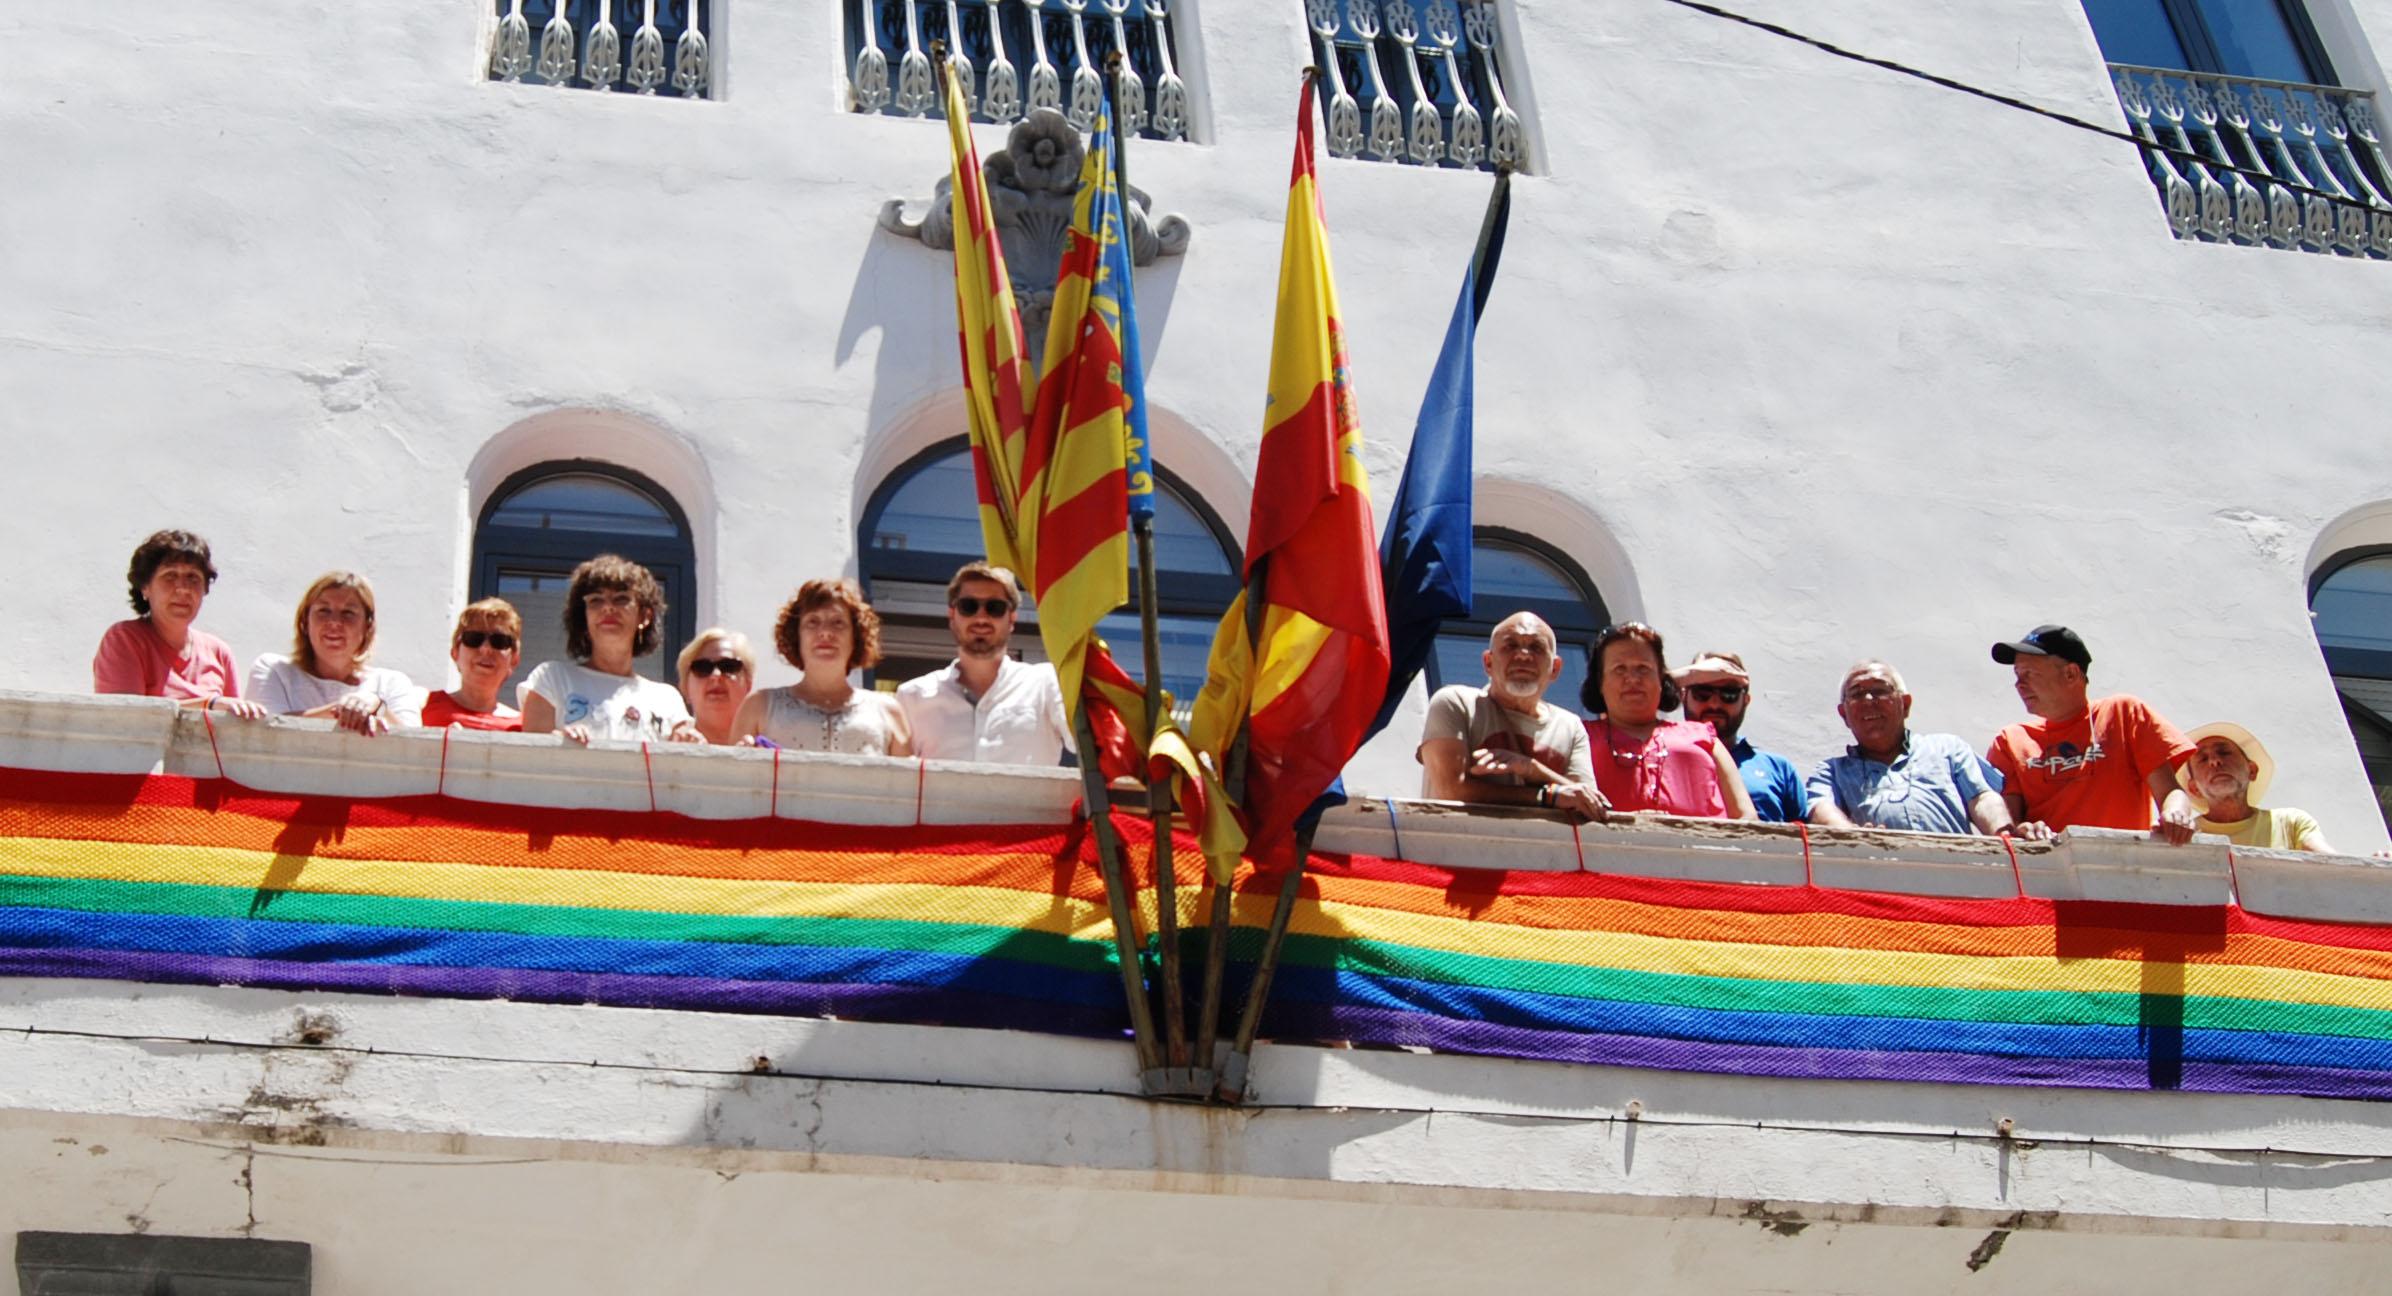 La bandera LGTB tejida por «Ganchillo solidario» luce en el balcón del Ayuntamiento de Buñol desde hoy hasta el 24 de junio.